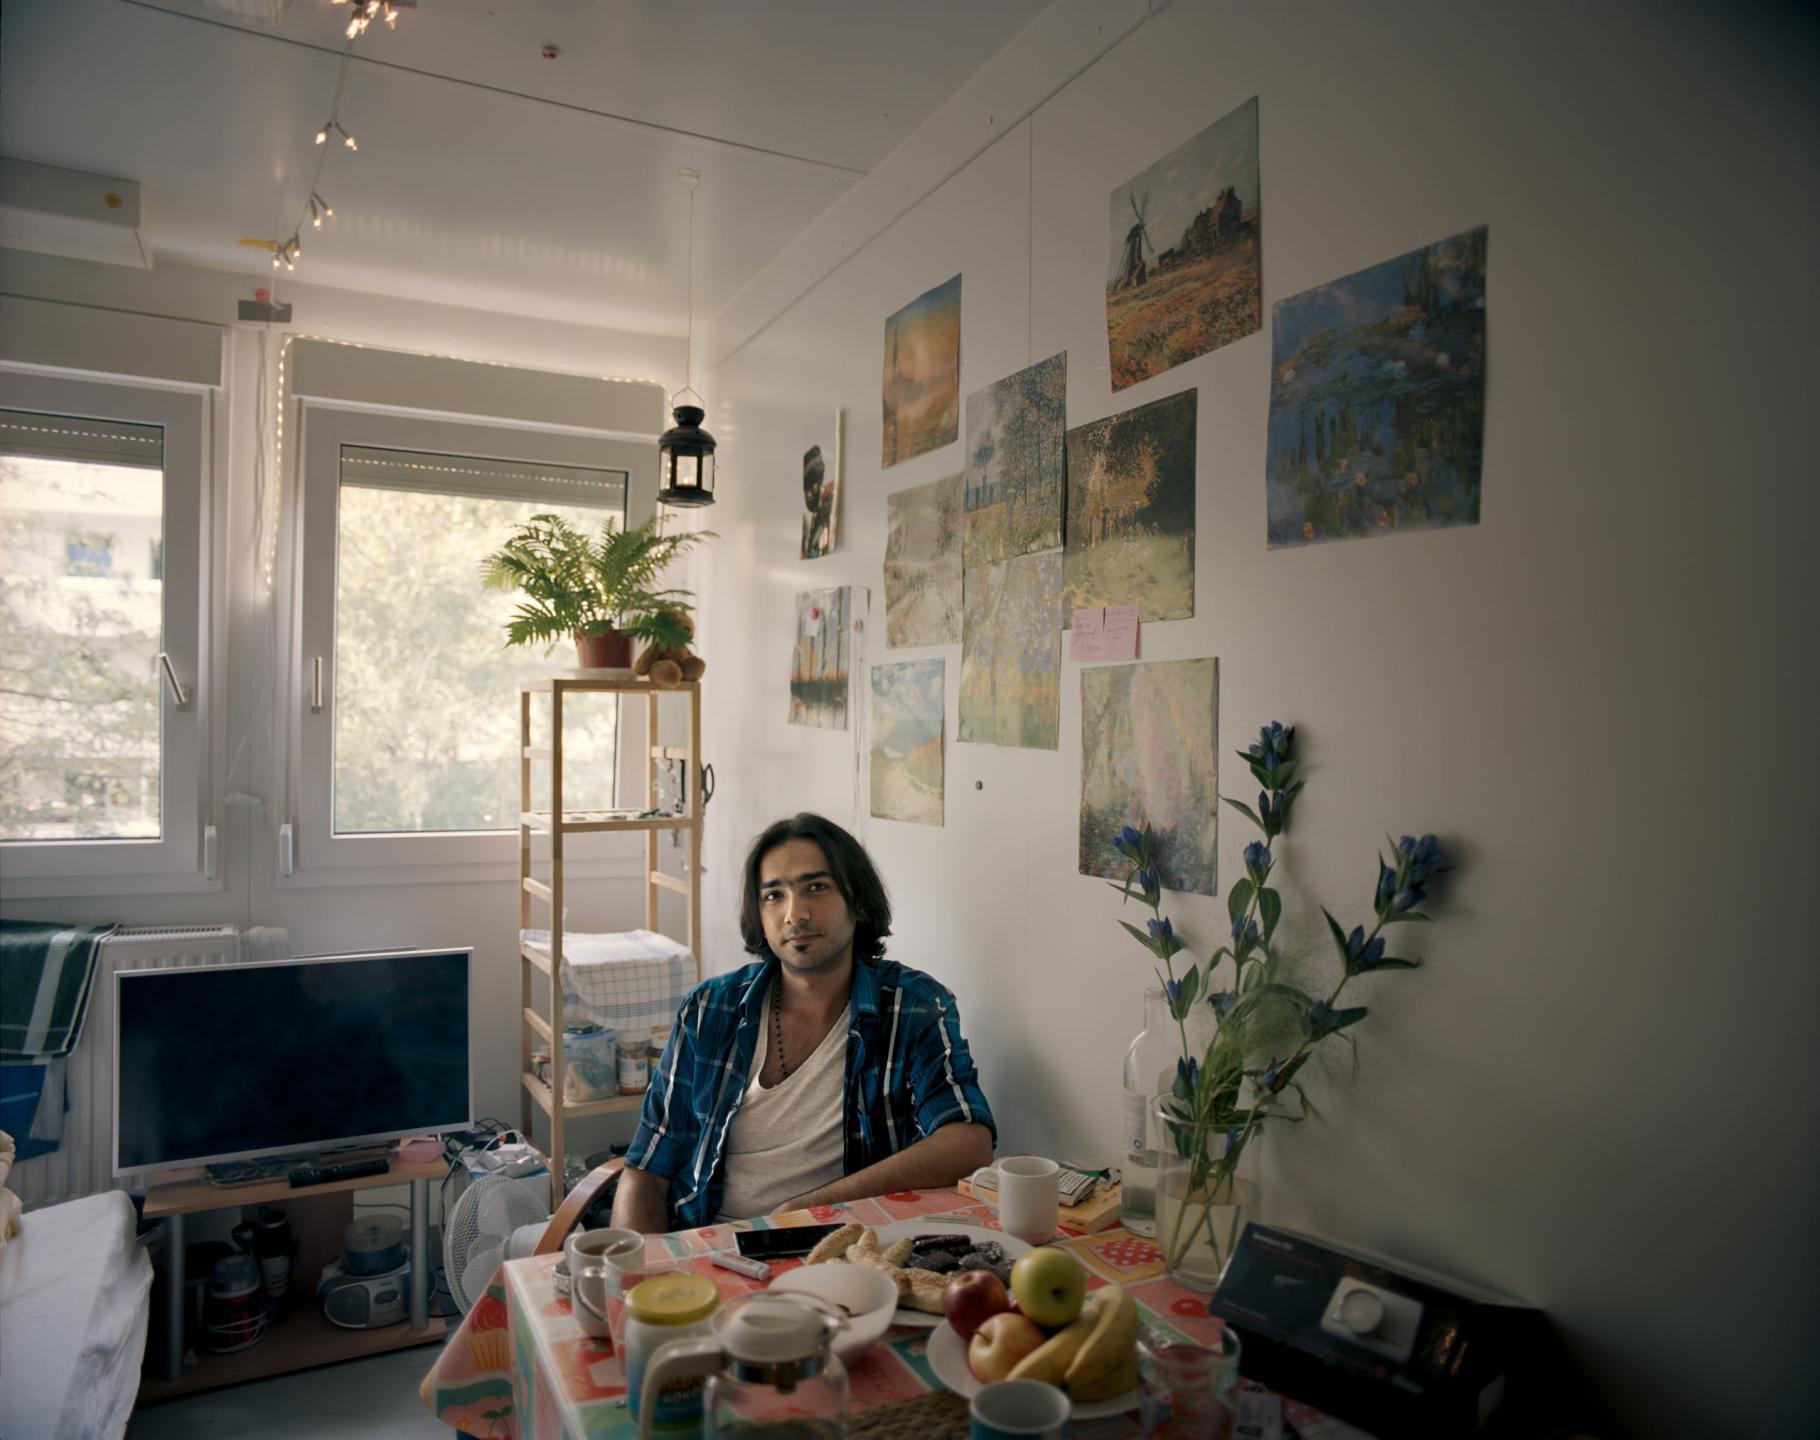 фотографии беженцев в Европе, сирийцы, афганцы-9